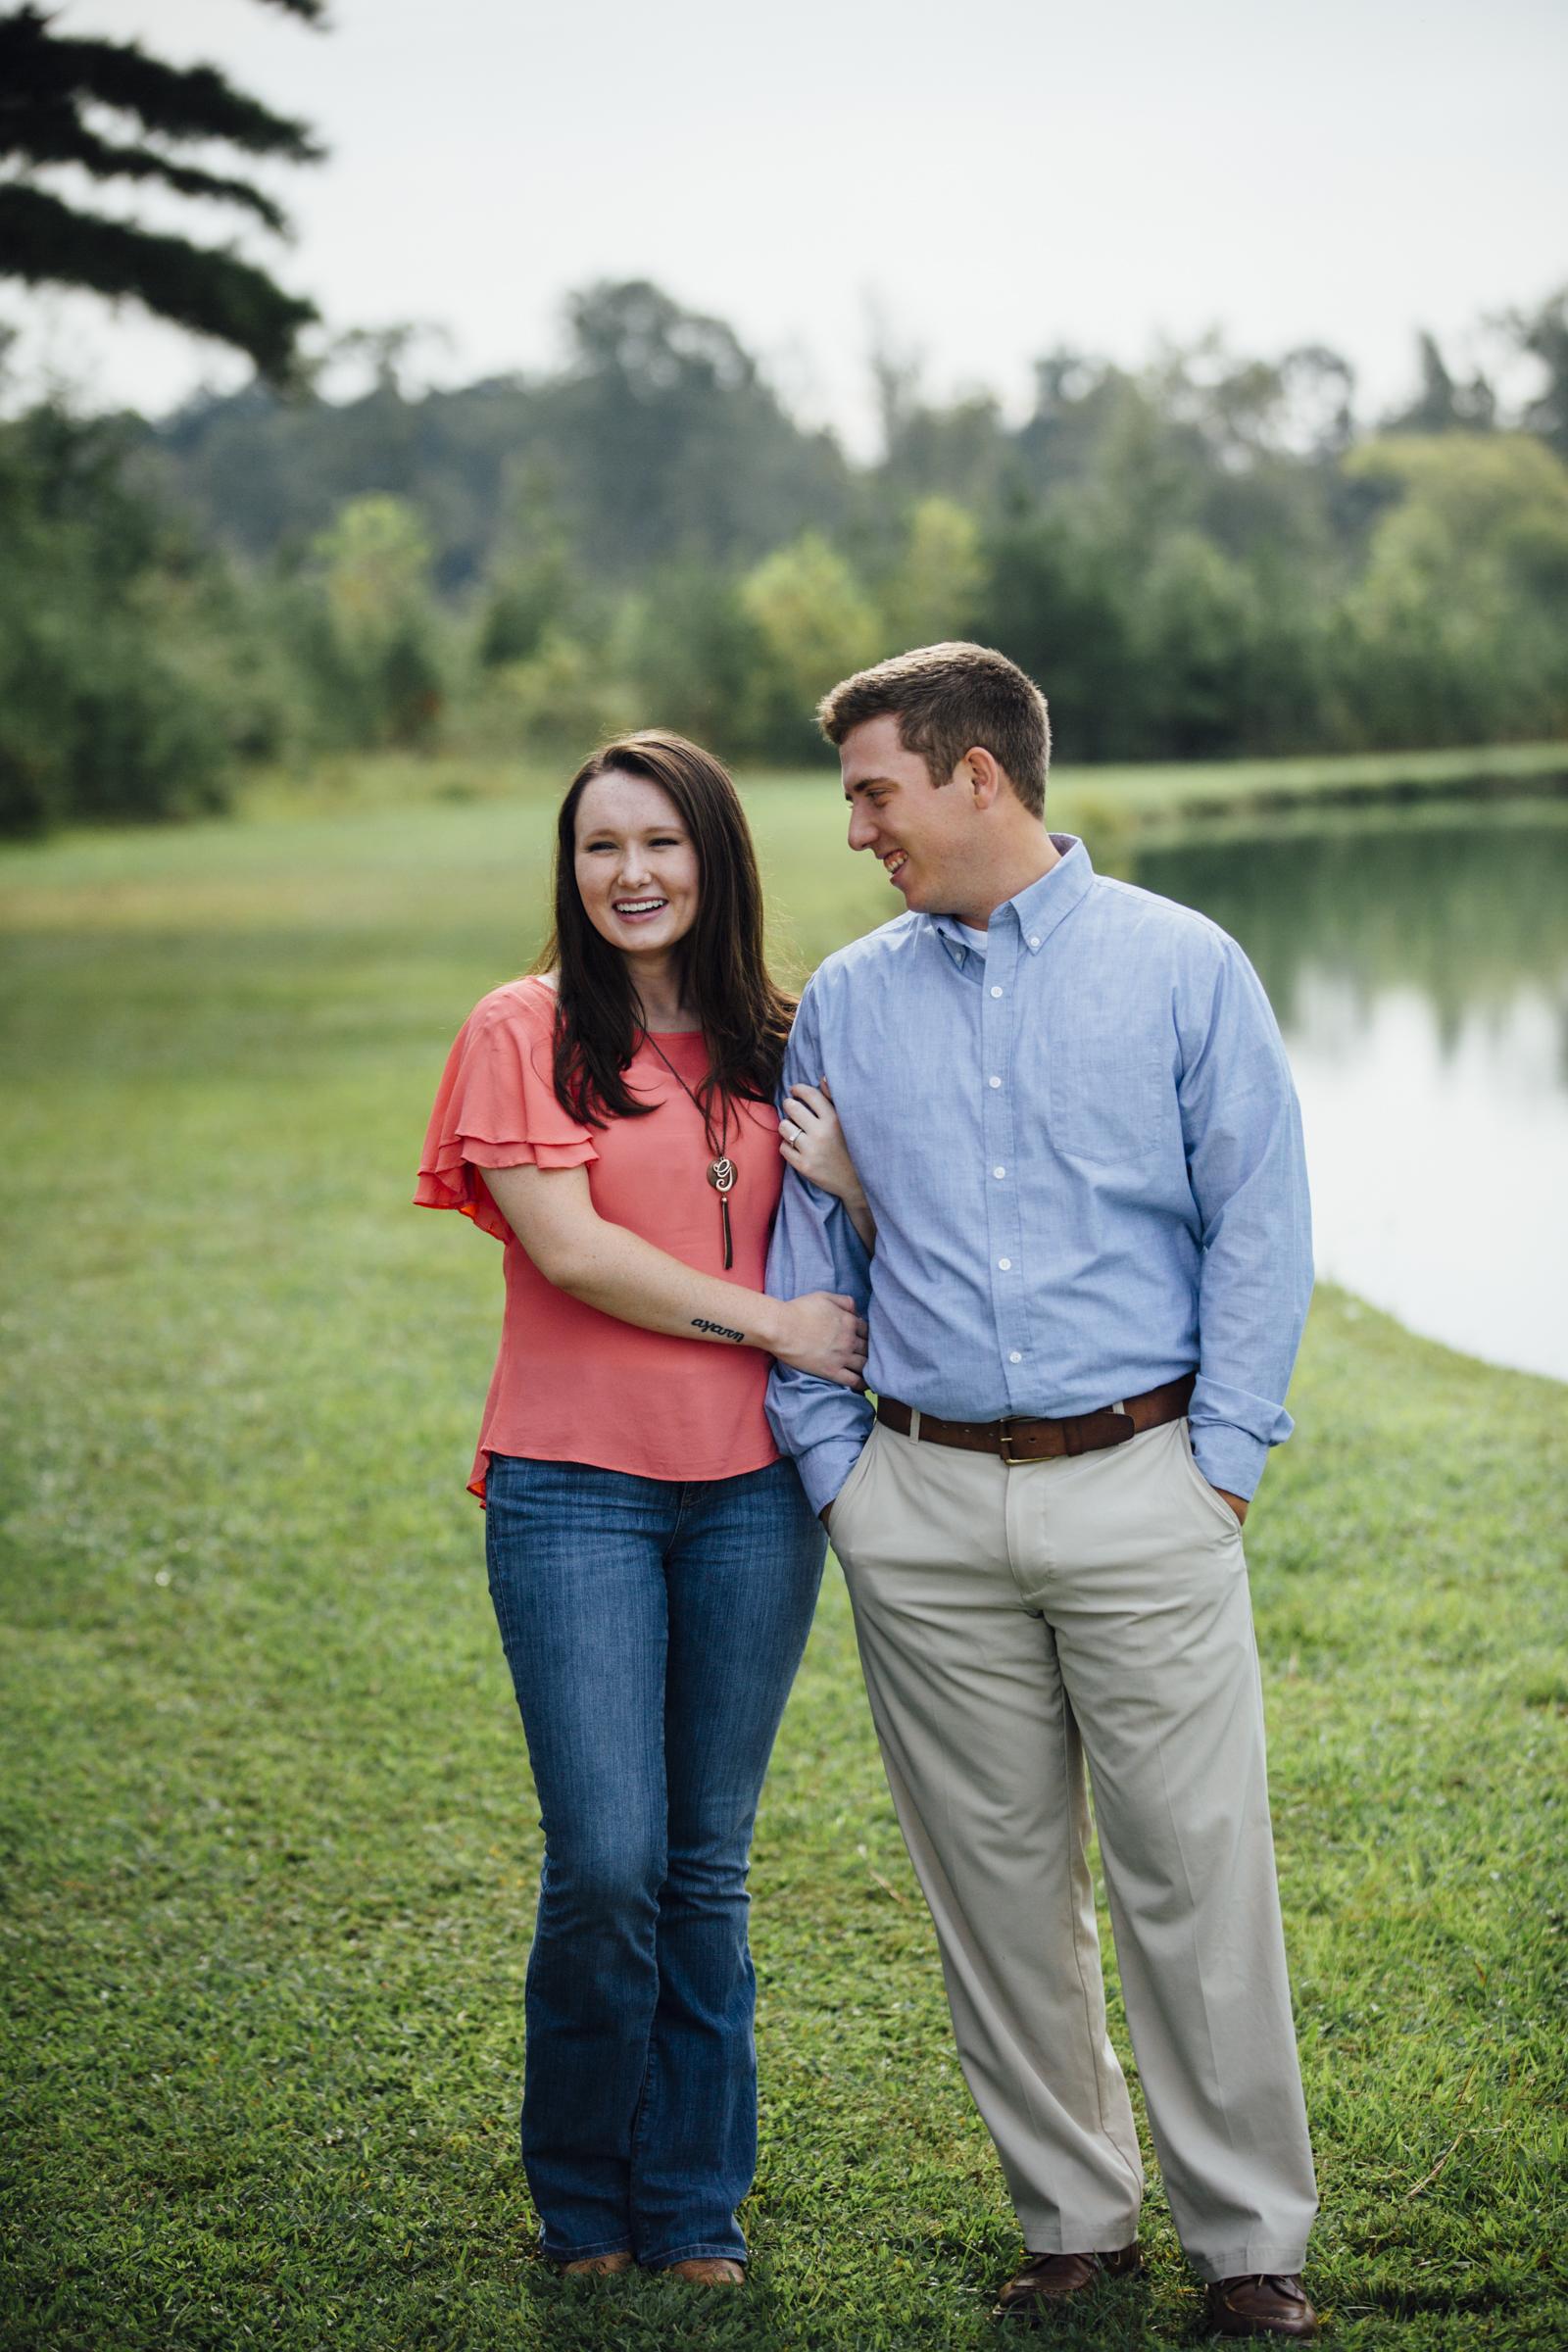 Stephen&GabbyBlog-6.jpg